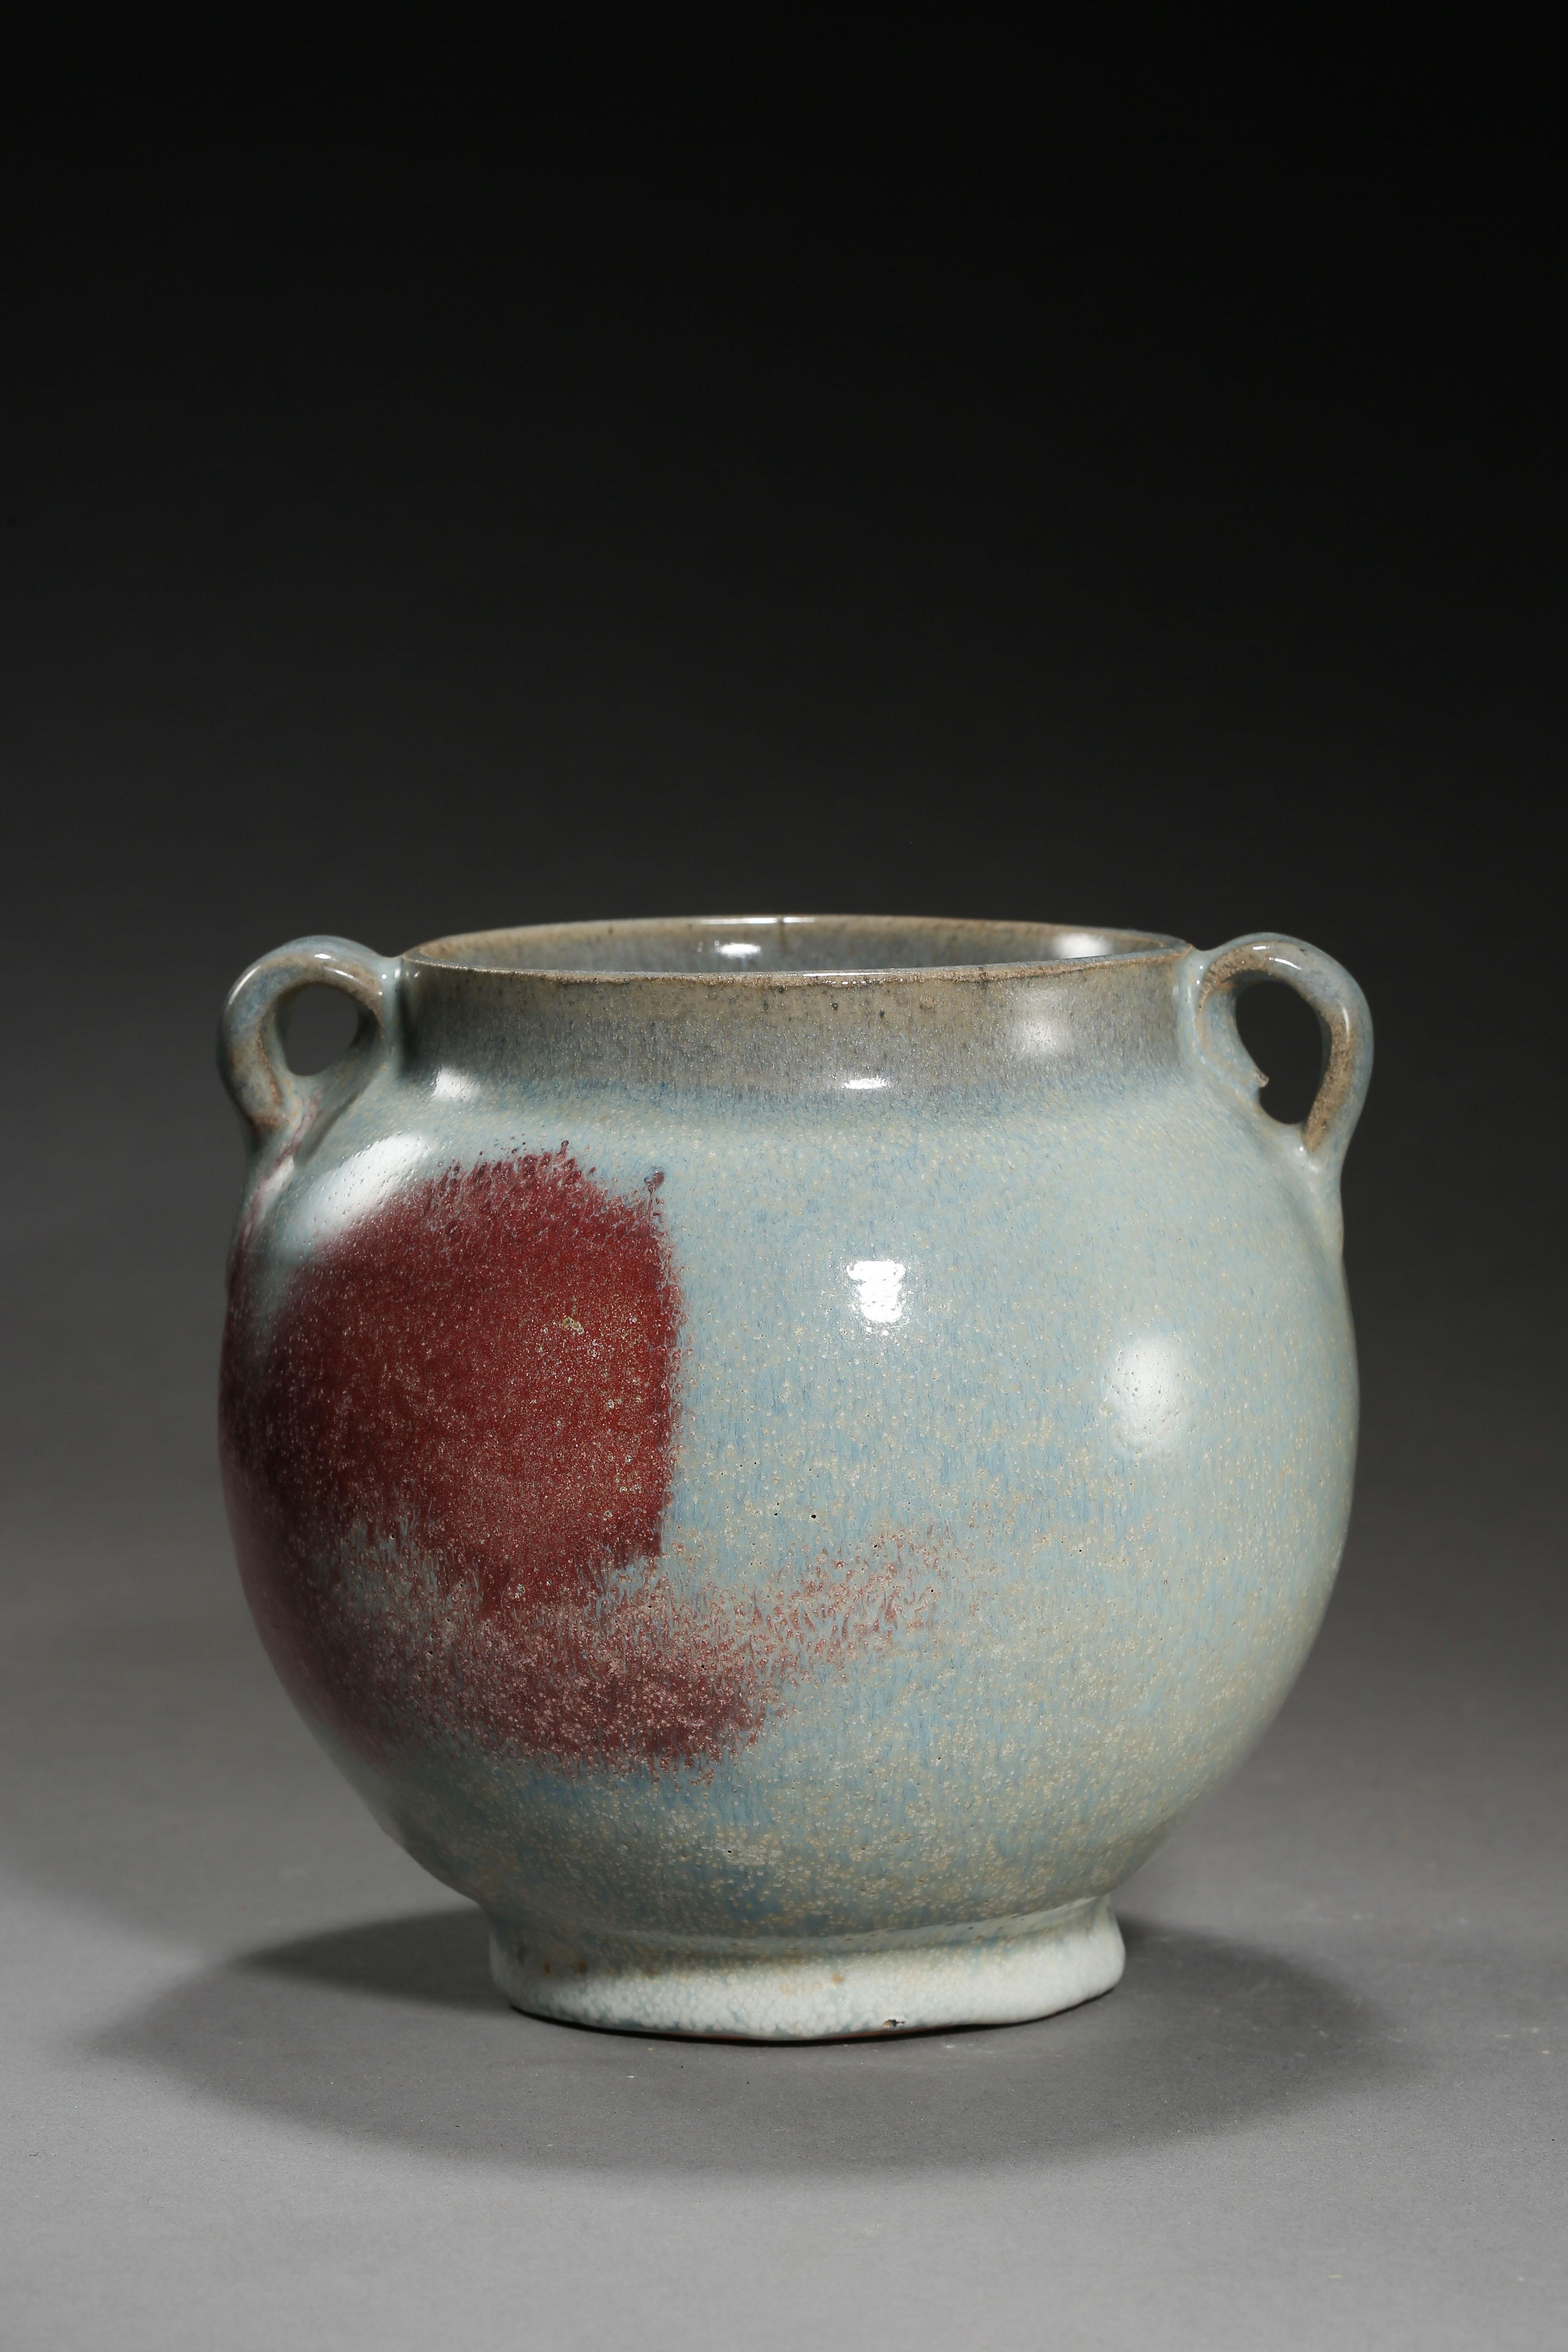 JUN KILN DOUBLE HANDLE JAR, YUAN DYNASTY, CHINA - Image 6 of 10